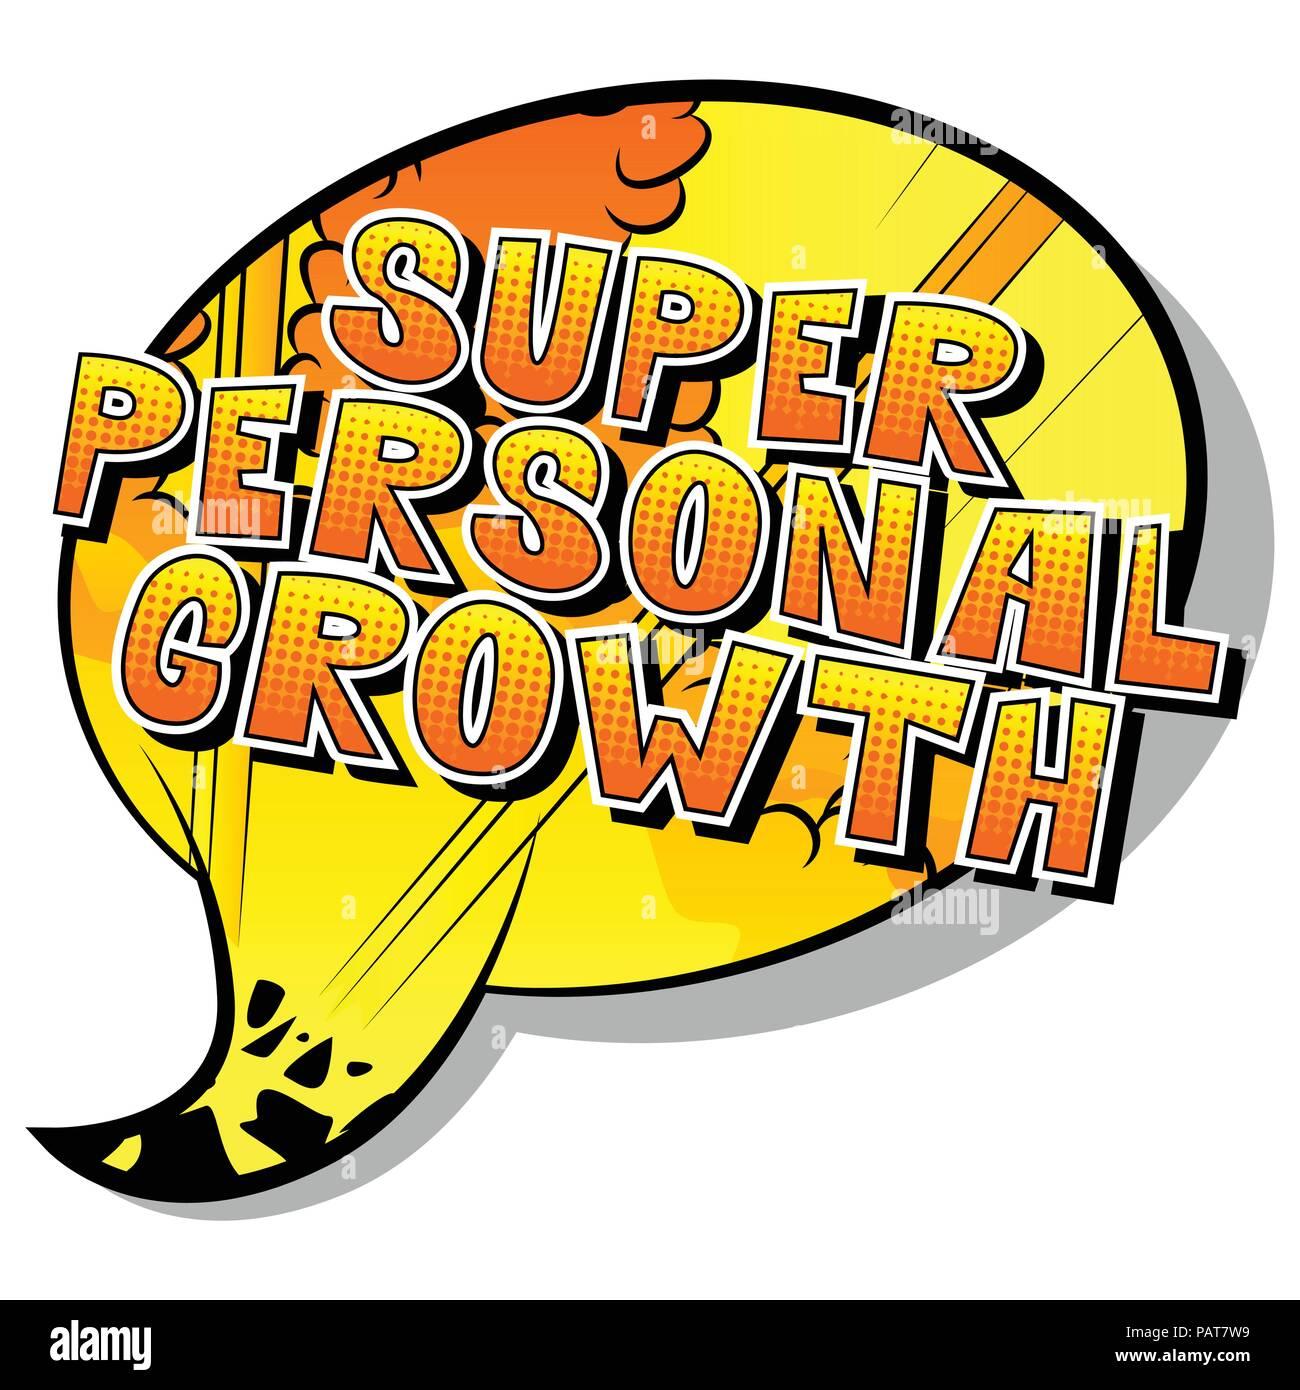 Crecimiento Personal - Super estilo cómic palabra sobre fondo abstracto. Imagen De Stock